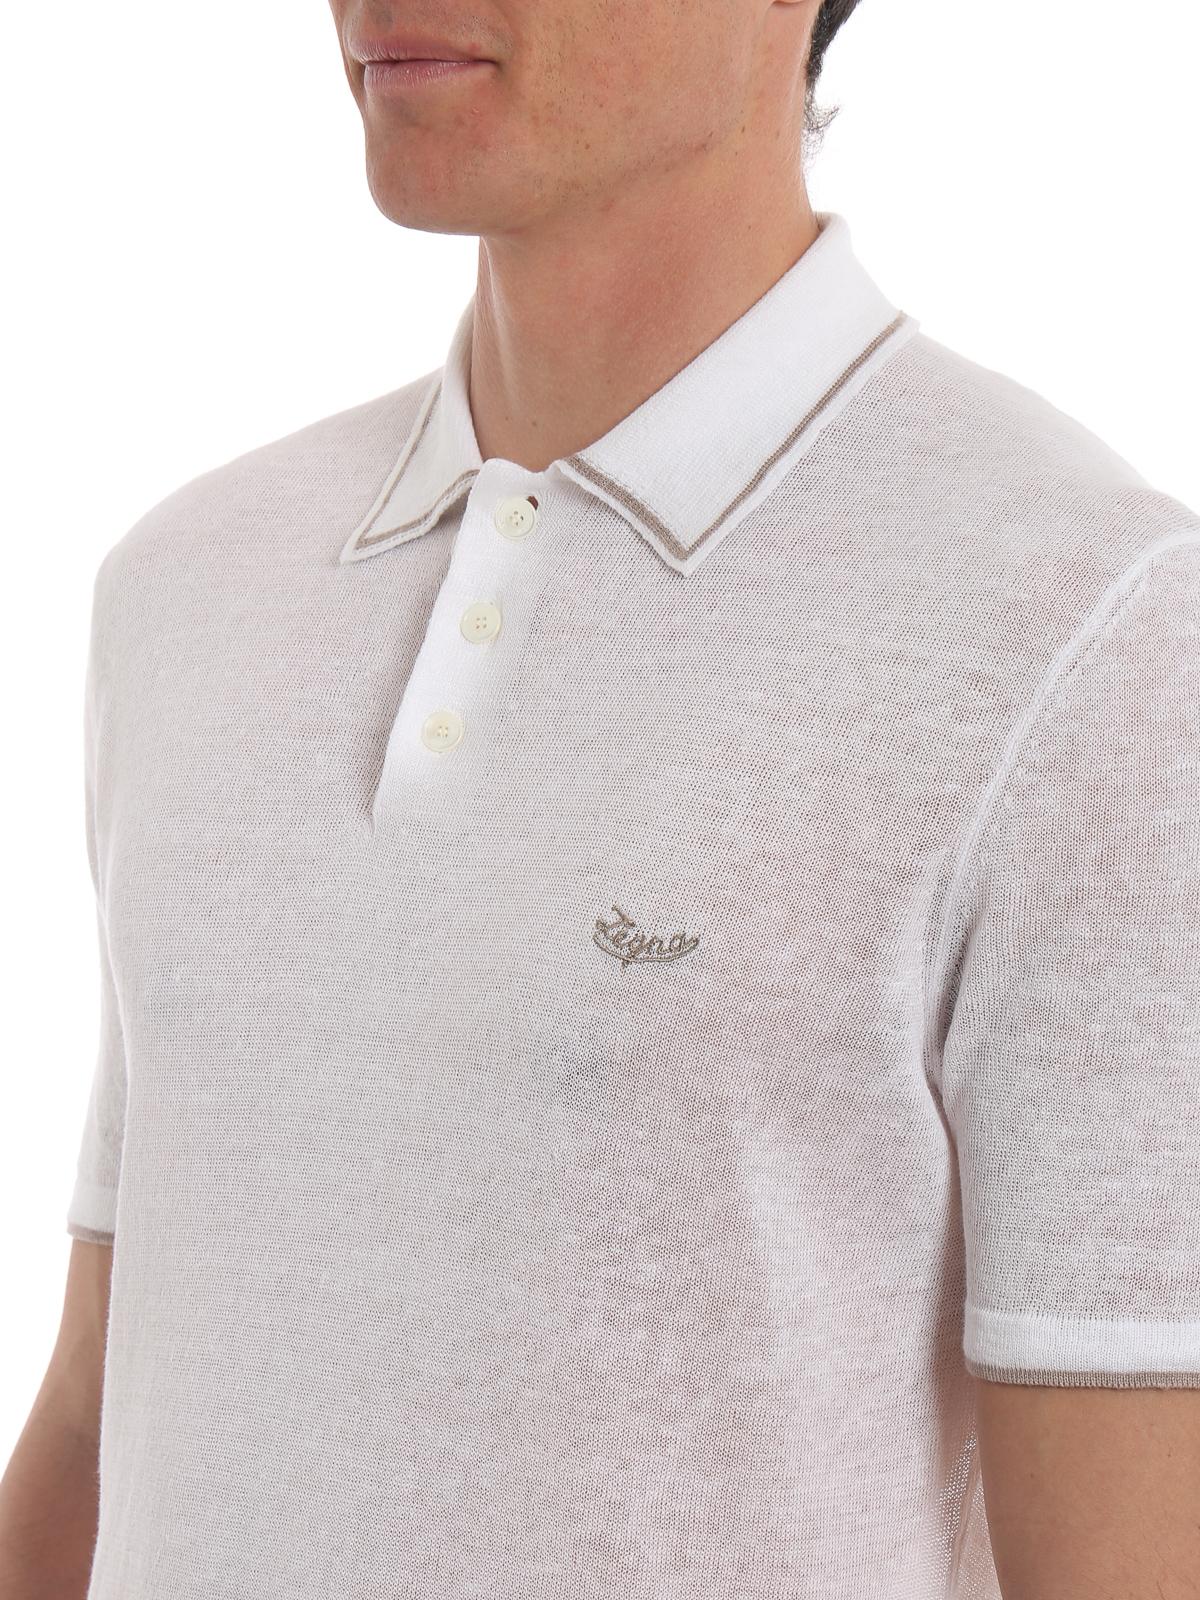 f14ac4bc83 Ermenegildo Zegna - Knitted linen and cotton polo shirt ...